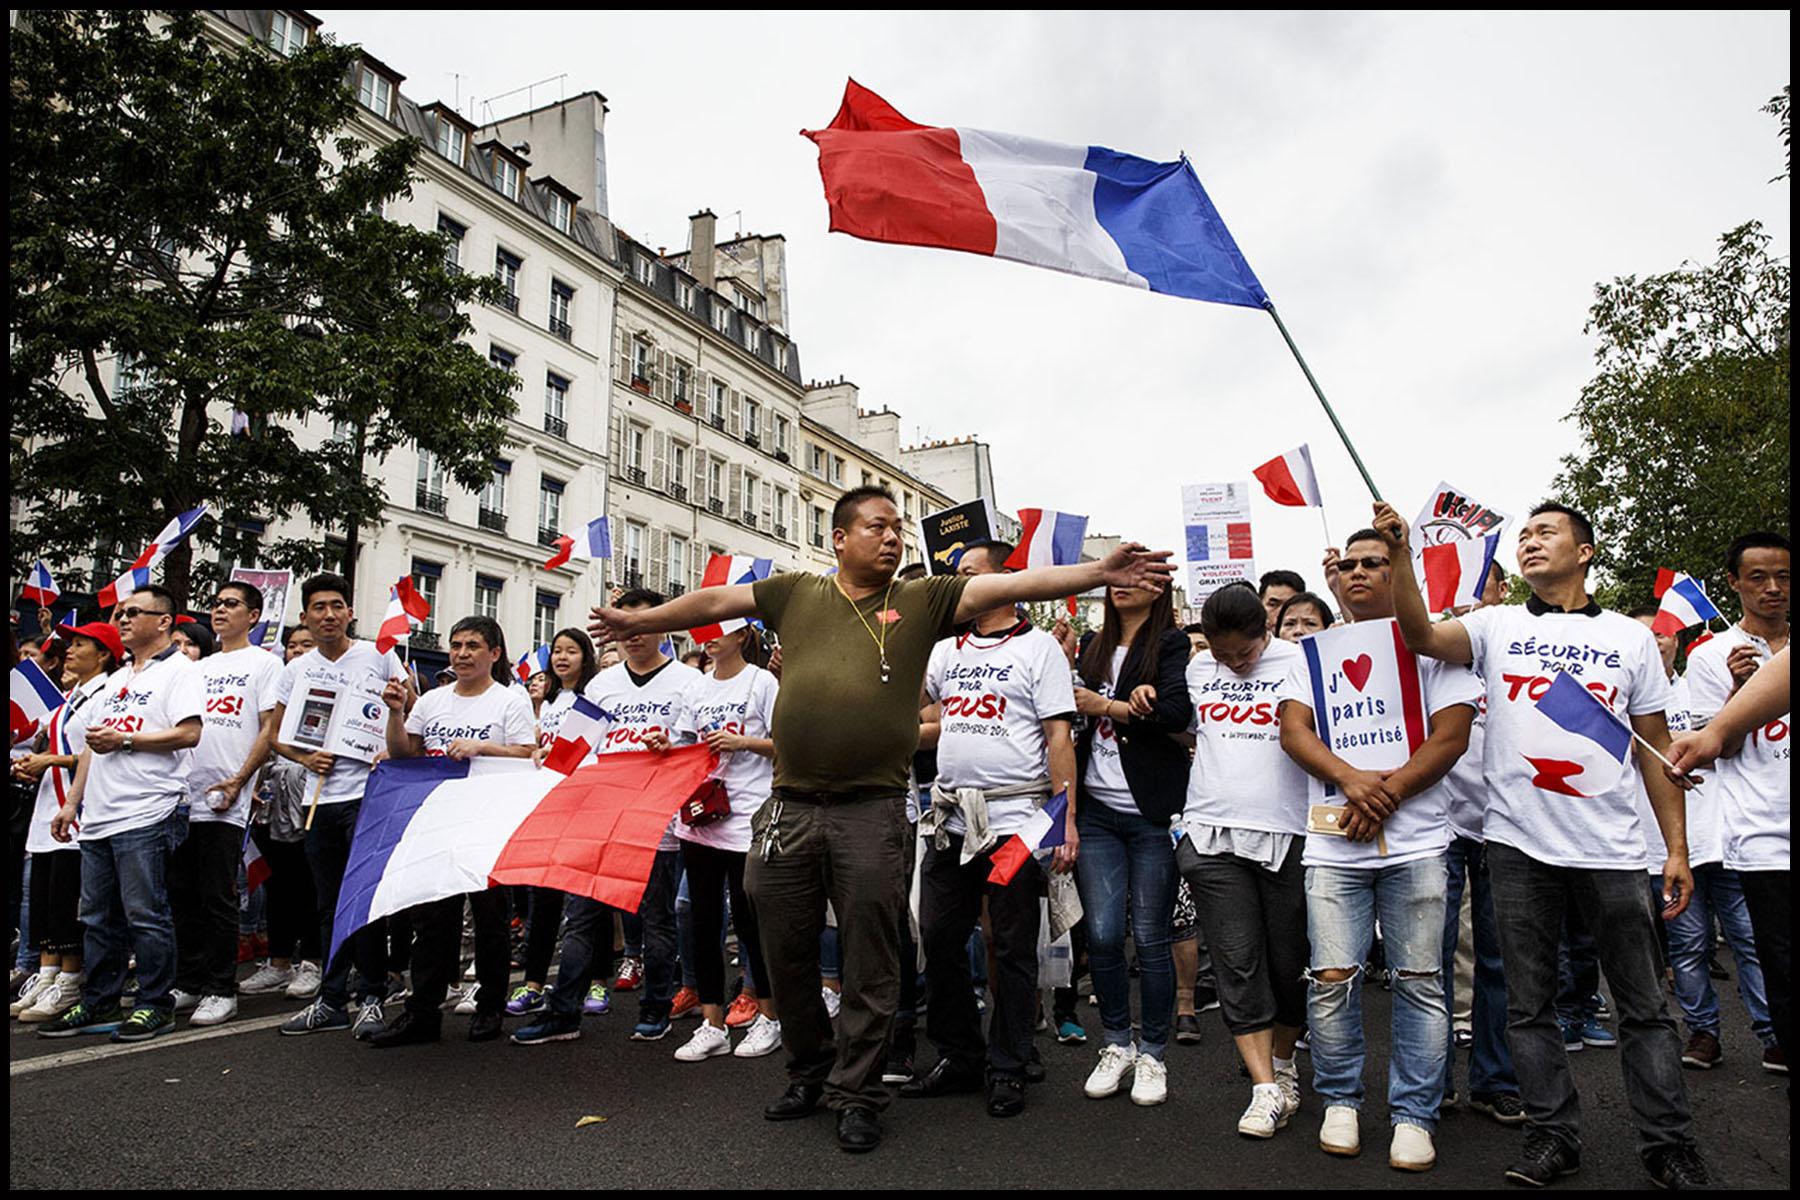 Manifestation à Paris de la communauté chinoise contre le « racisme envers les Asiatiques » après l'agression mortelle de Zhang CHAOLIN à Aubervilliers début aout.